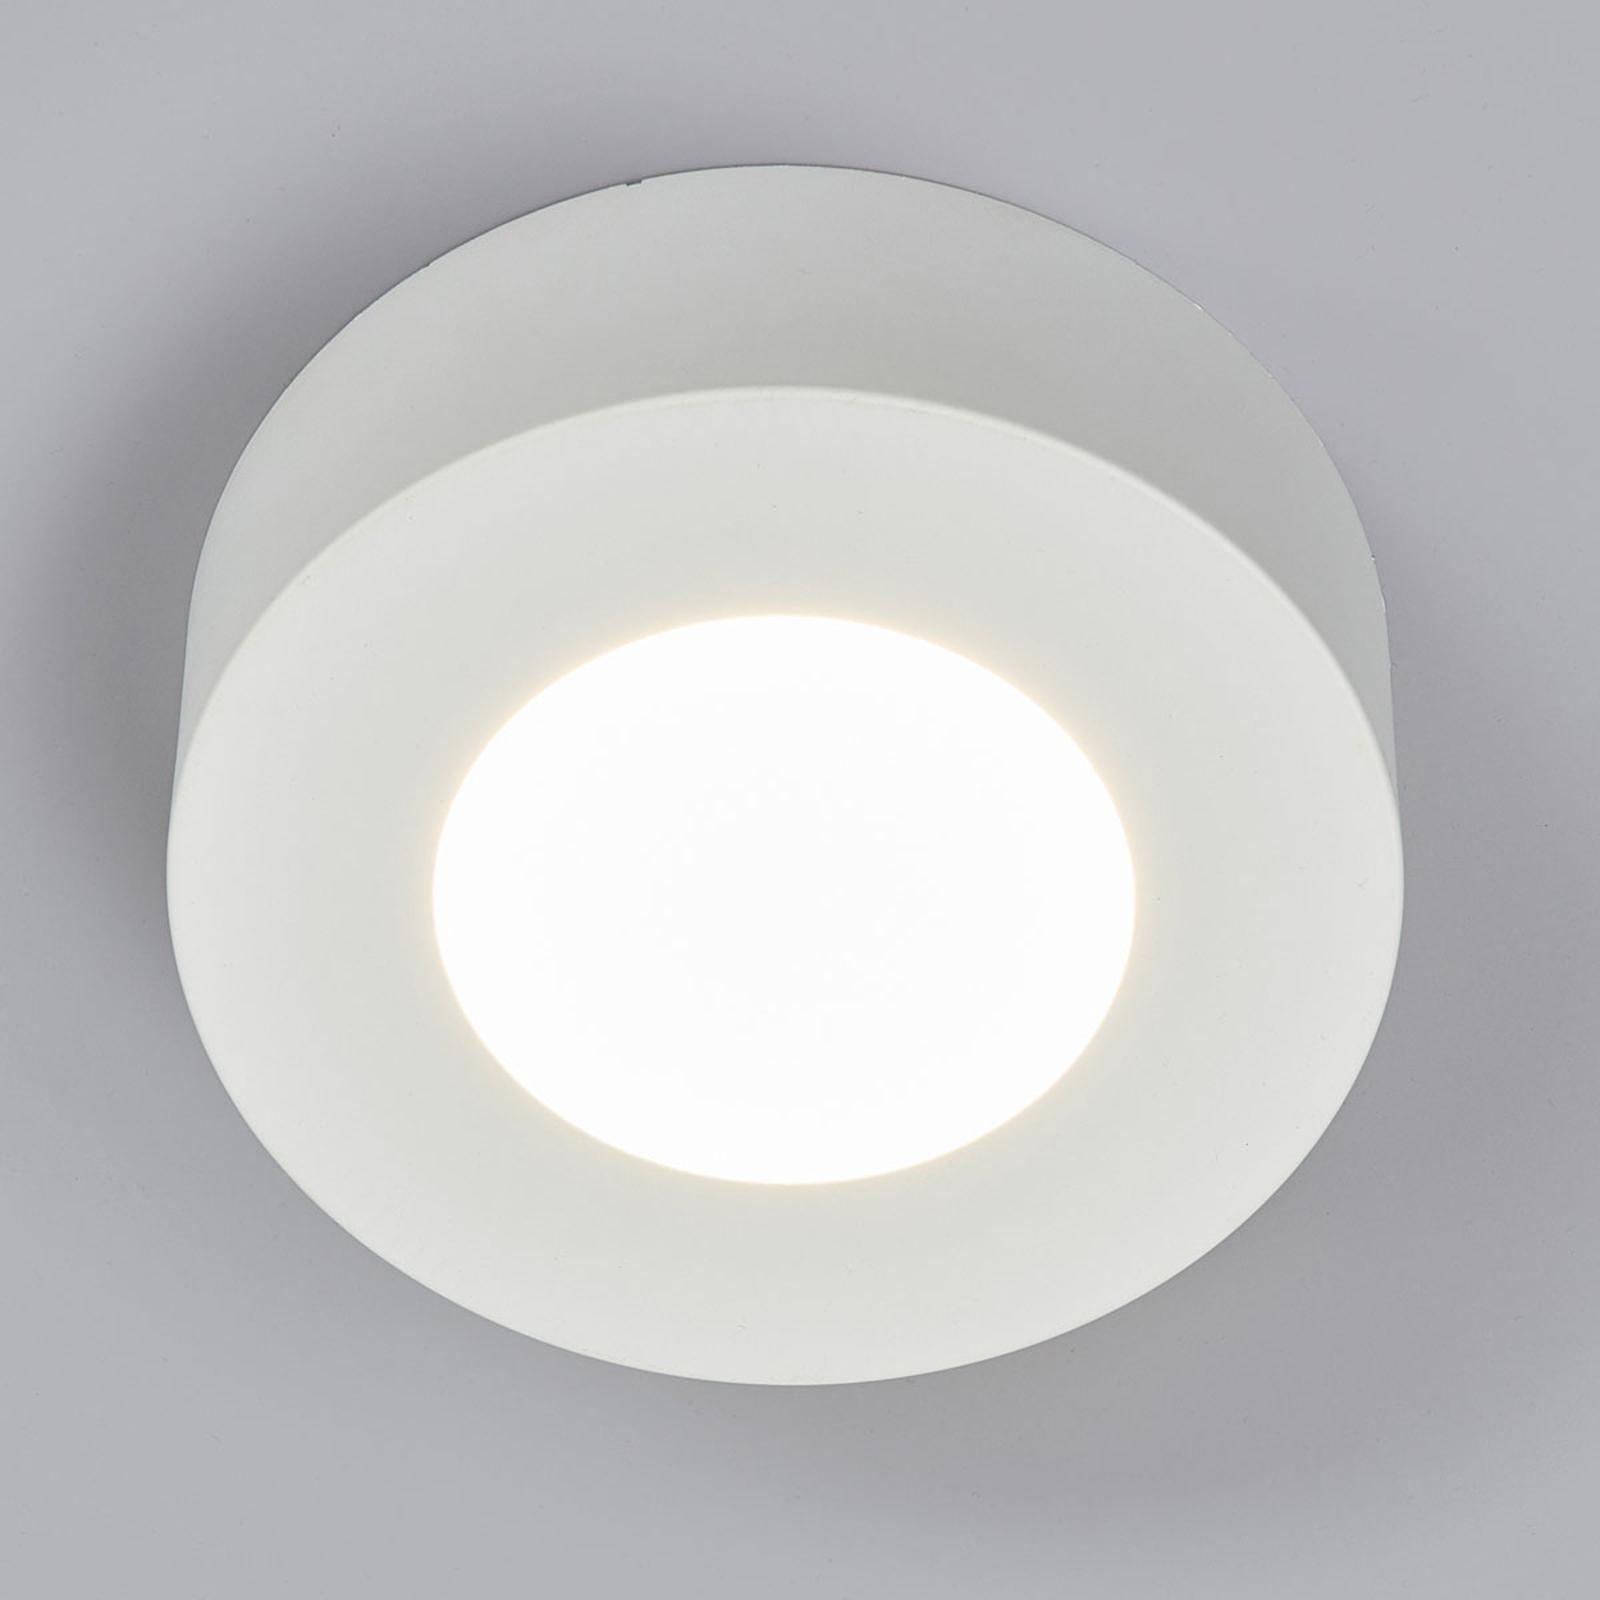 LED stropní svítidlo Marlo 4000K kulaté 12,8 cm